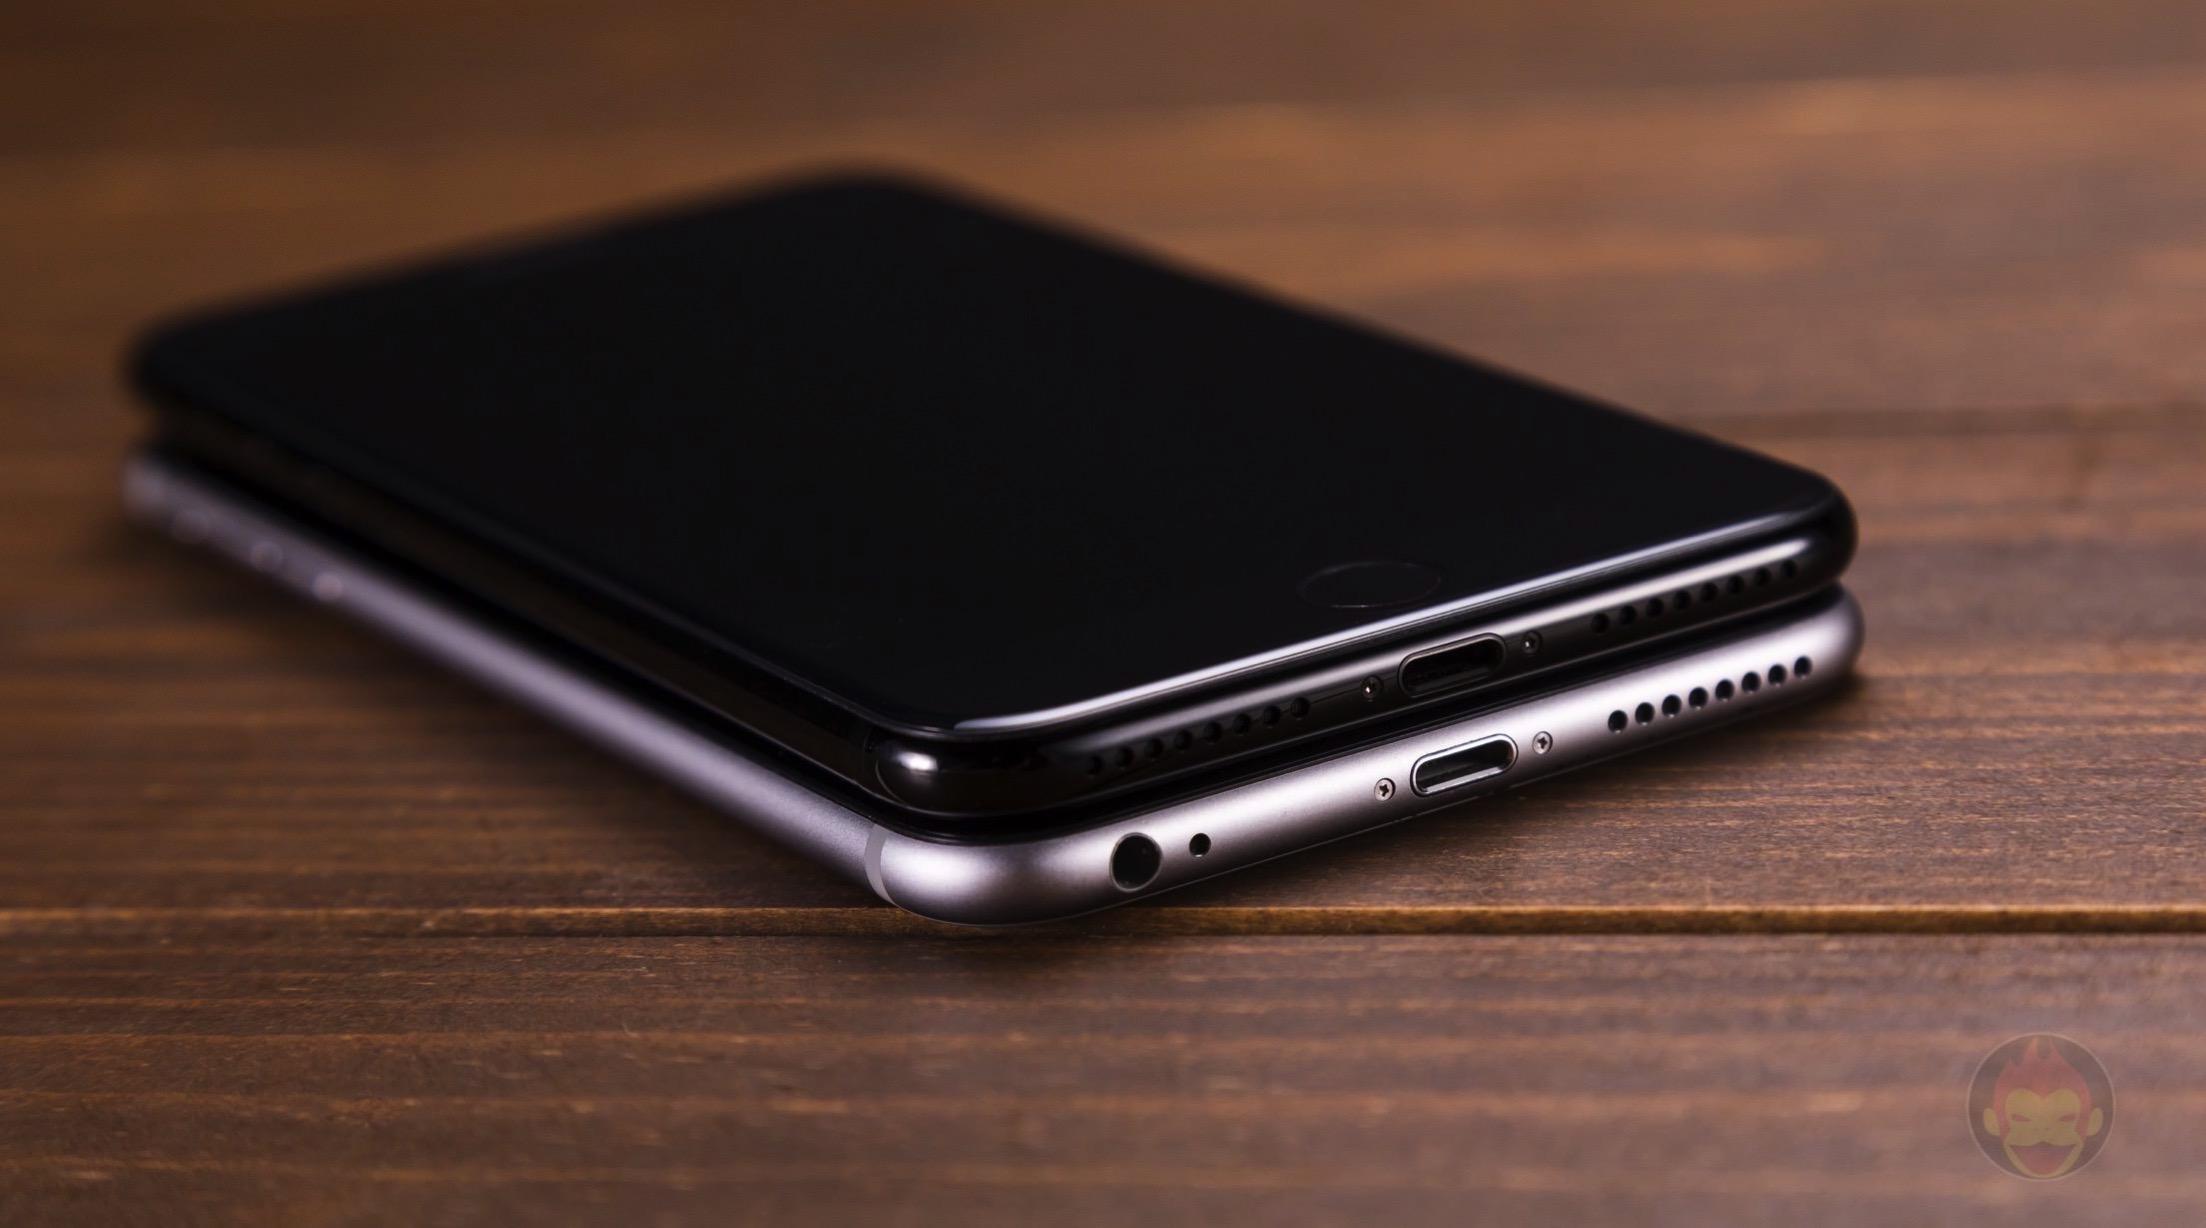 iPhone-7-Plus-6s-Plus-Comparison-02.jpg